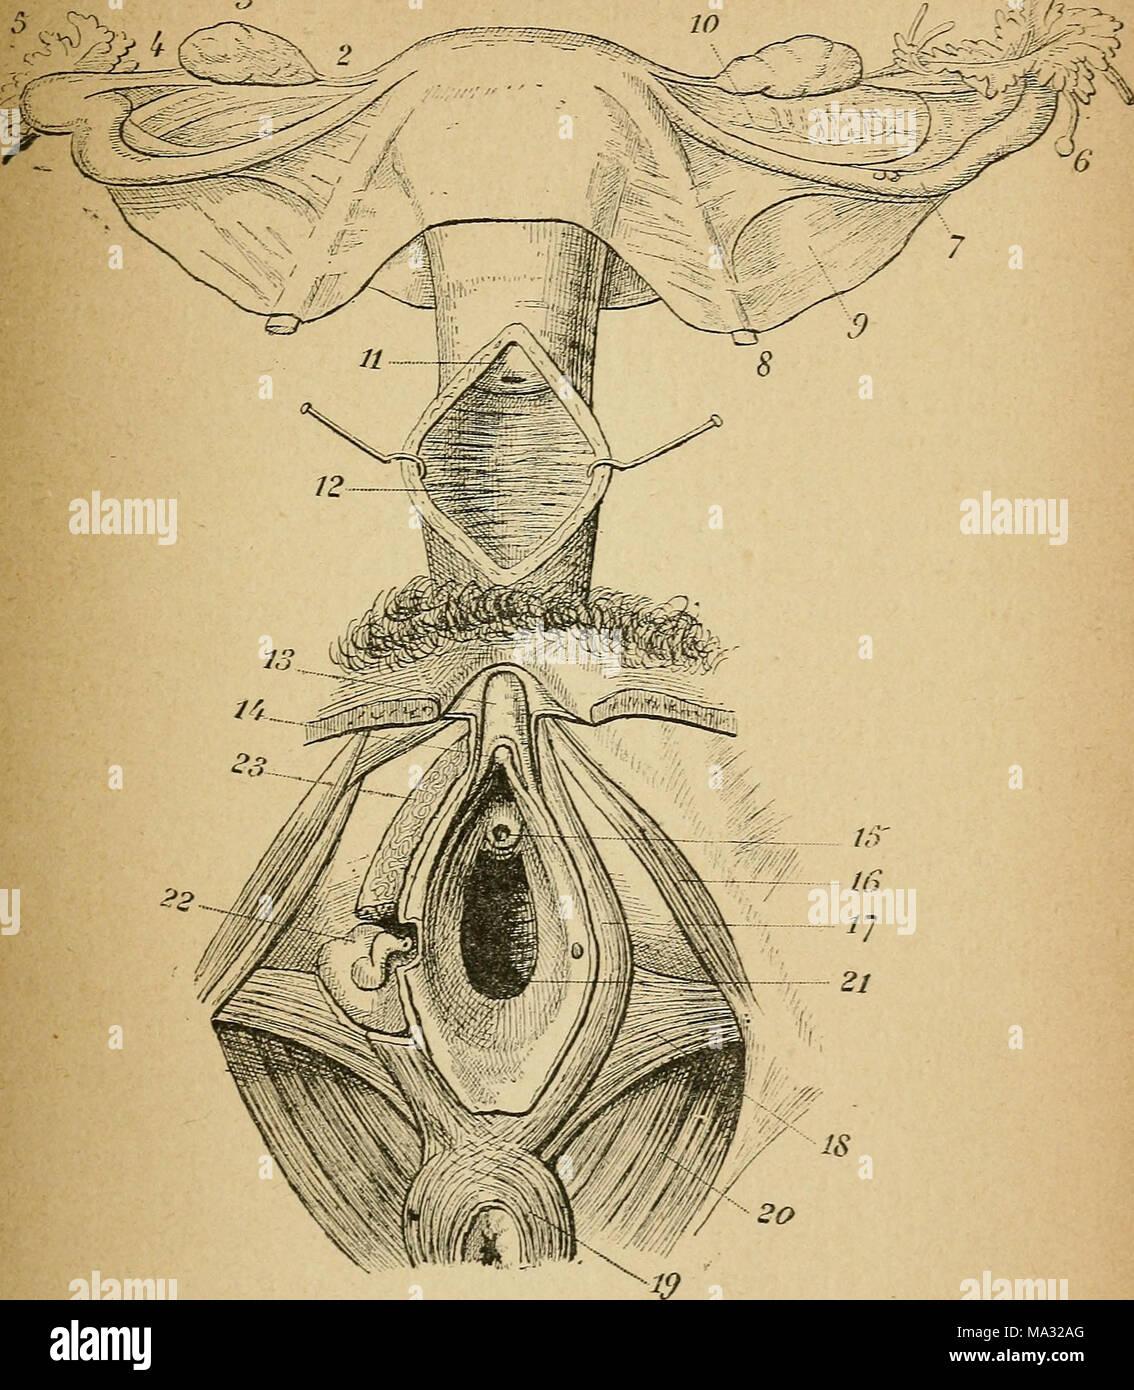 Wunderbar Anatomie Und Physiologie Worte Bilder - Physiologie Von ...